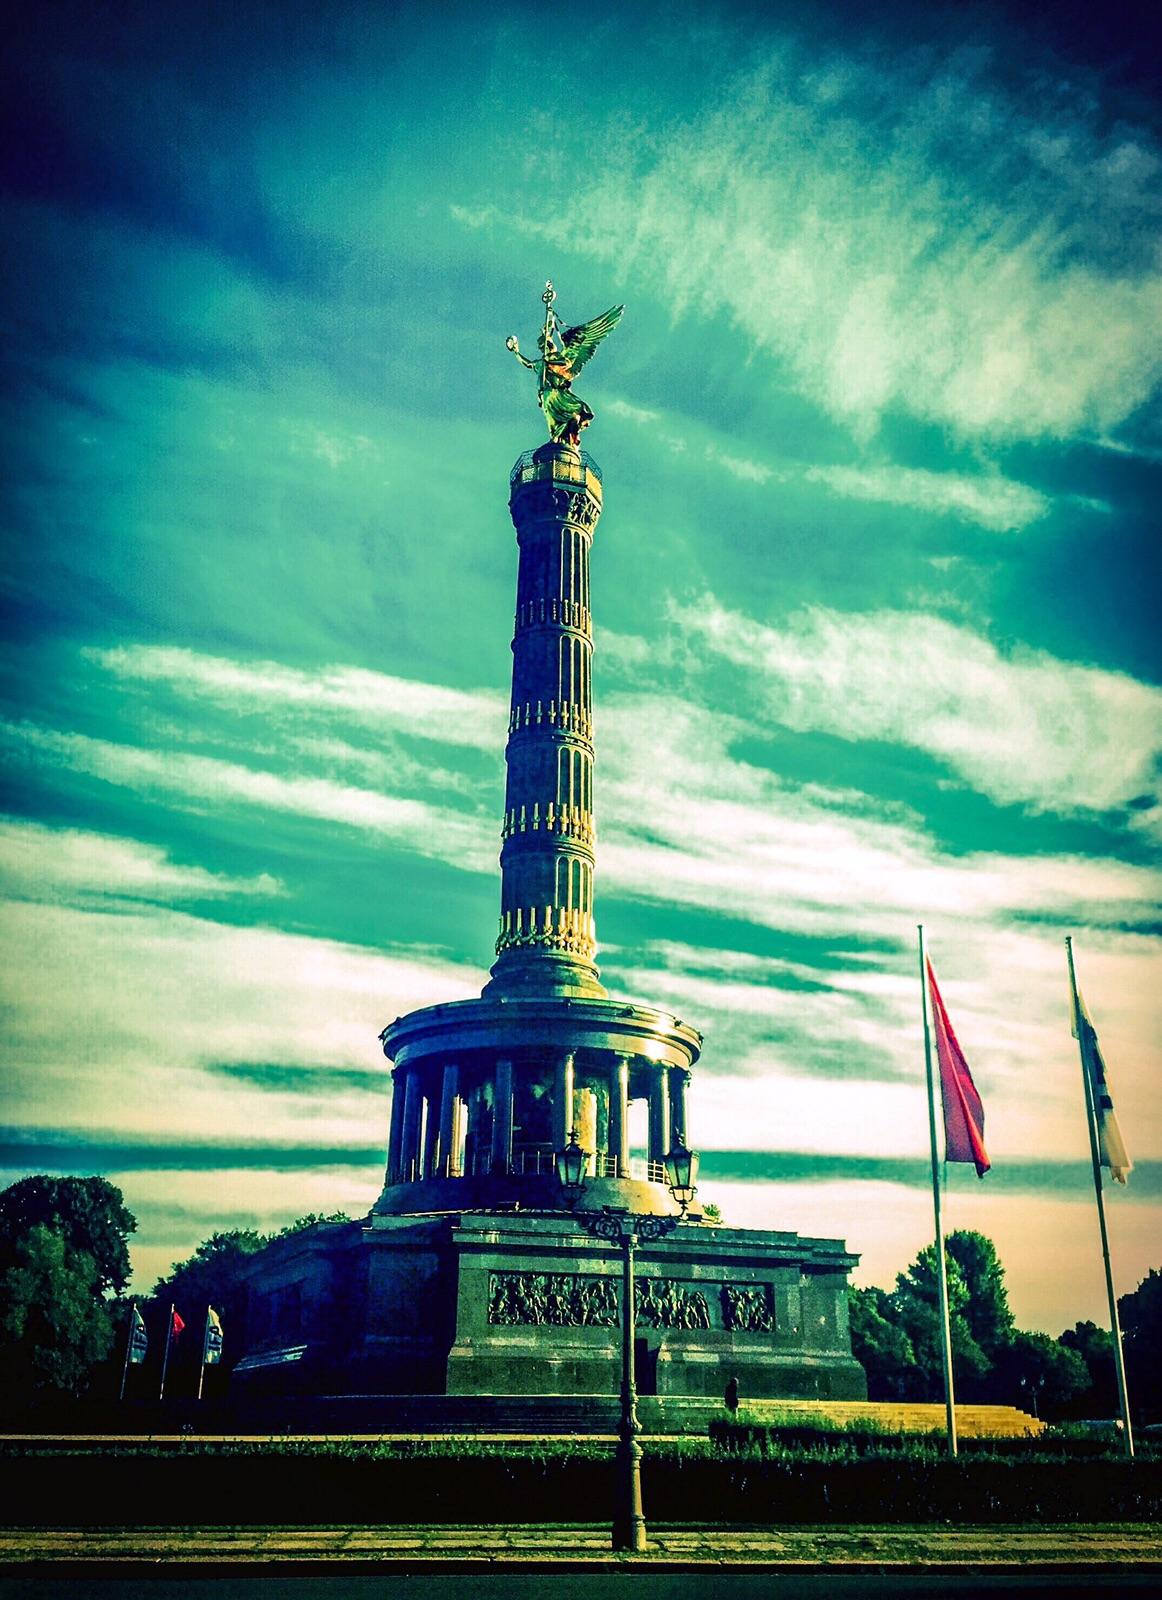 Bürogemeinschaft Berlin bericht aus berlin irgendwas mit medien unsere